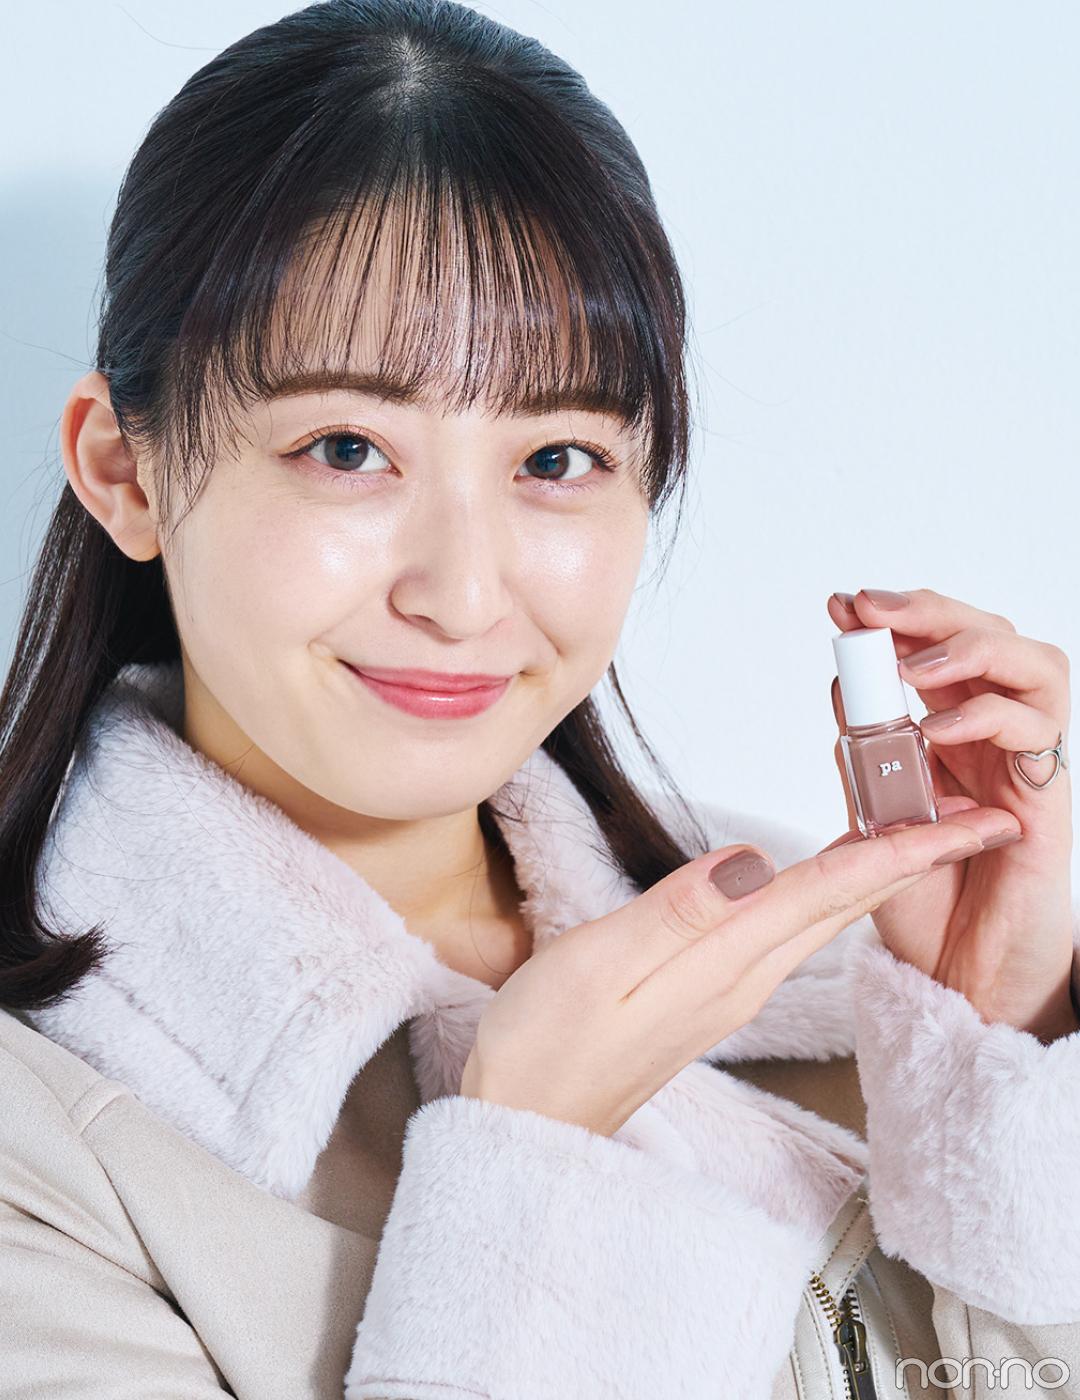 カワイイ選抜No.68 みおみおさん